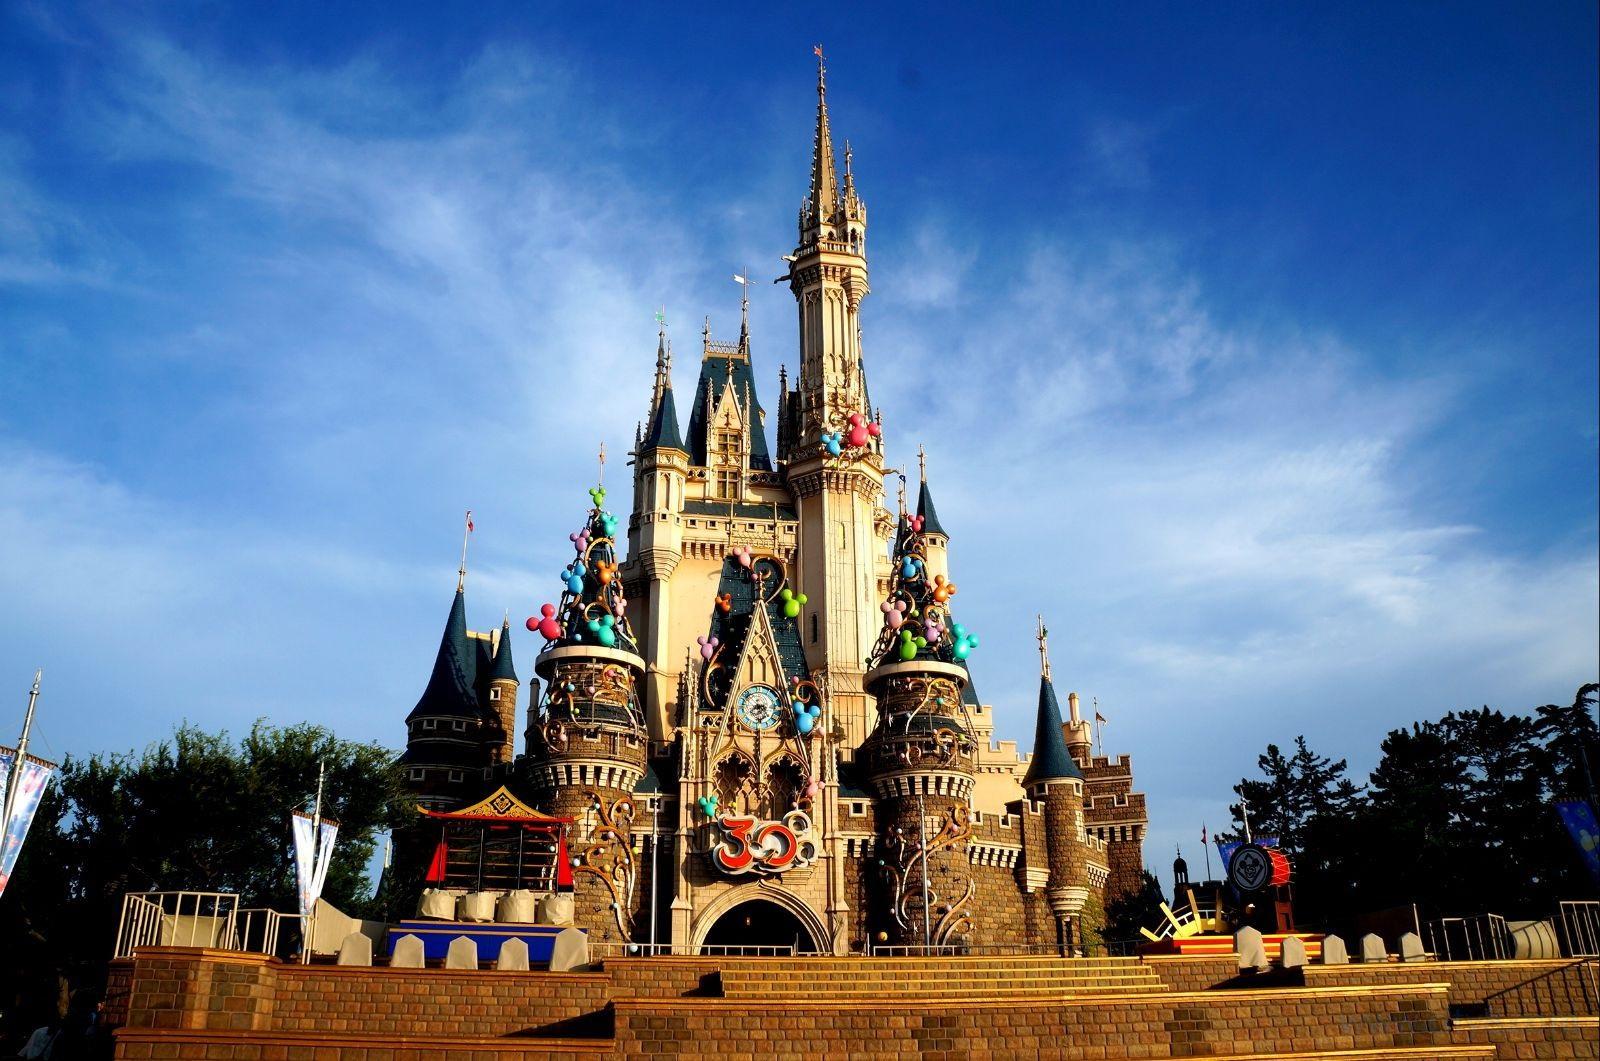 西部乐园,动物天地,梦幻乐园,卡通城及明日乐园等,园内舞台以及广场上